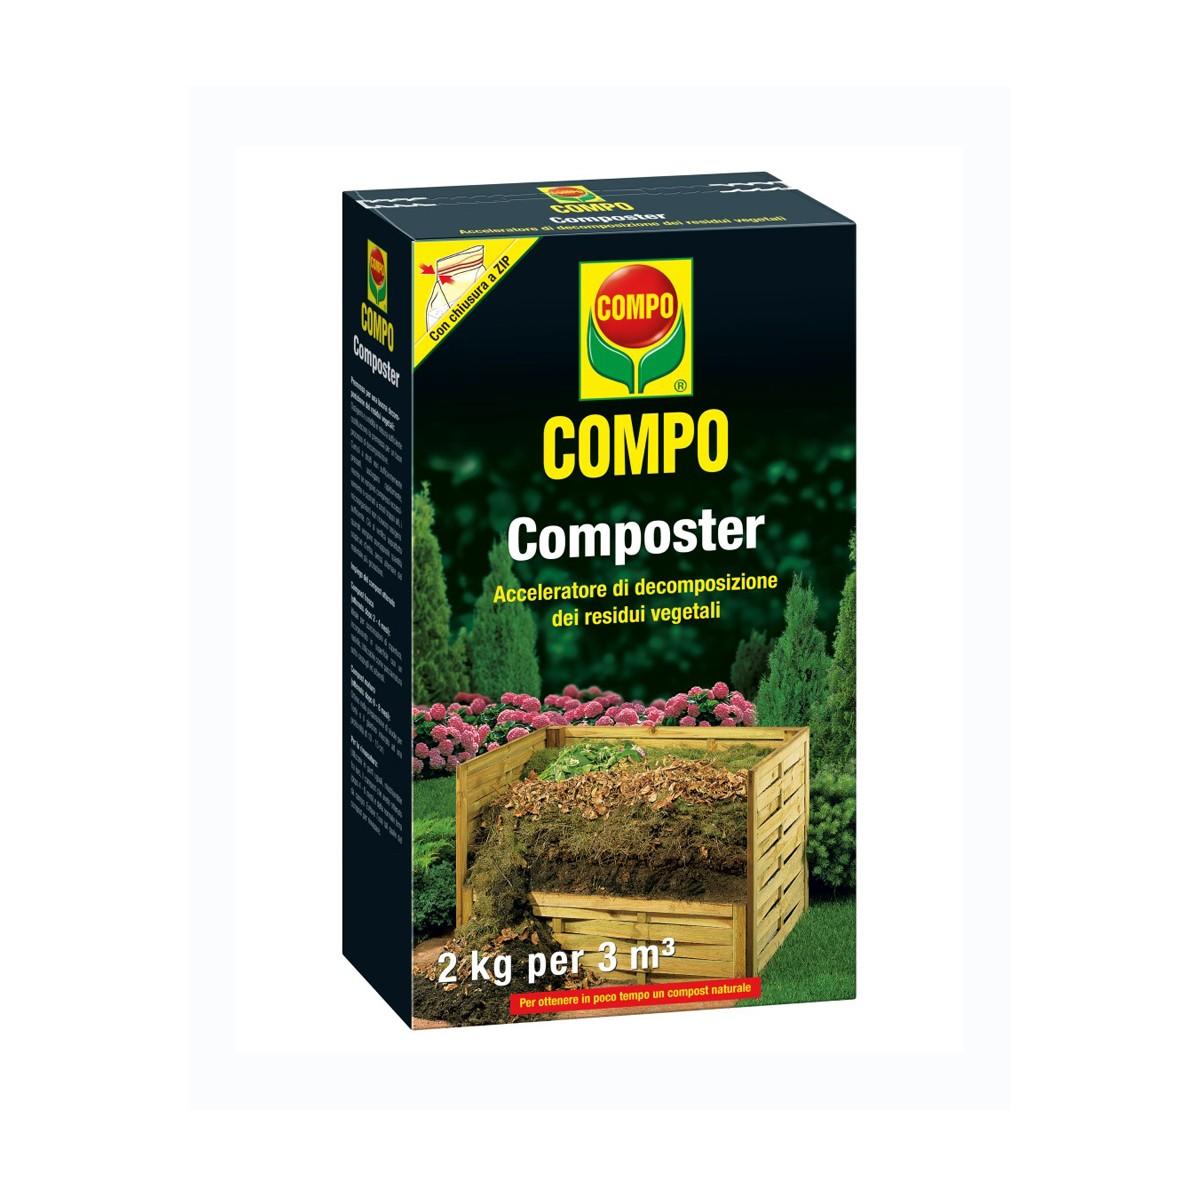 Composter - Accelleratore Di Decomposizione